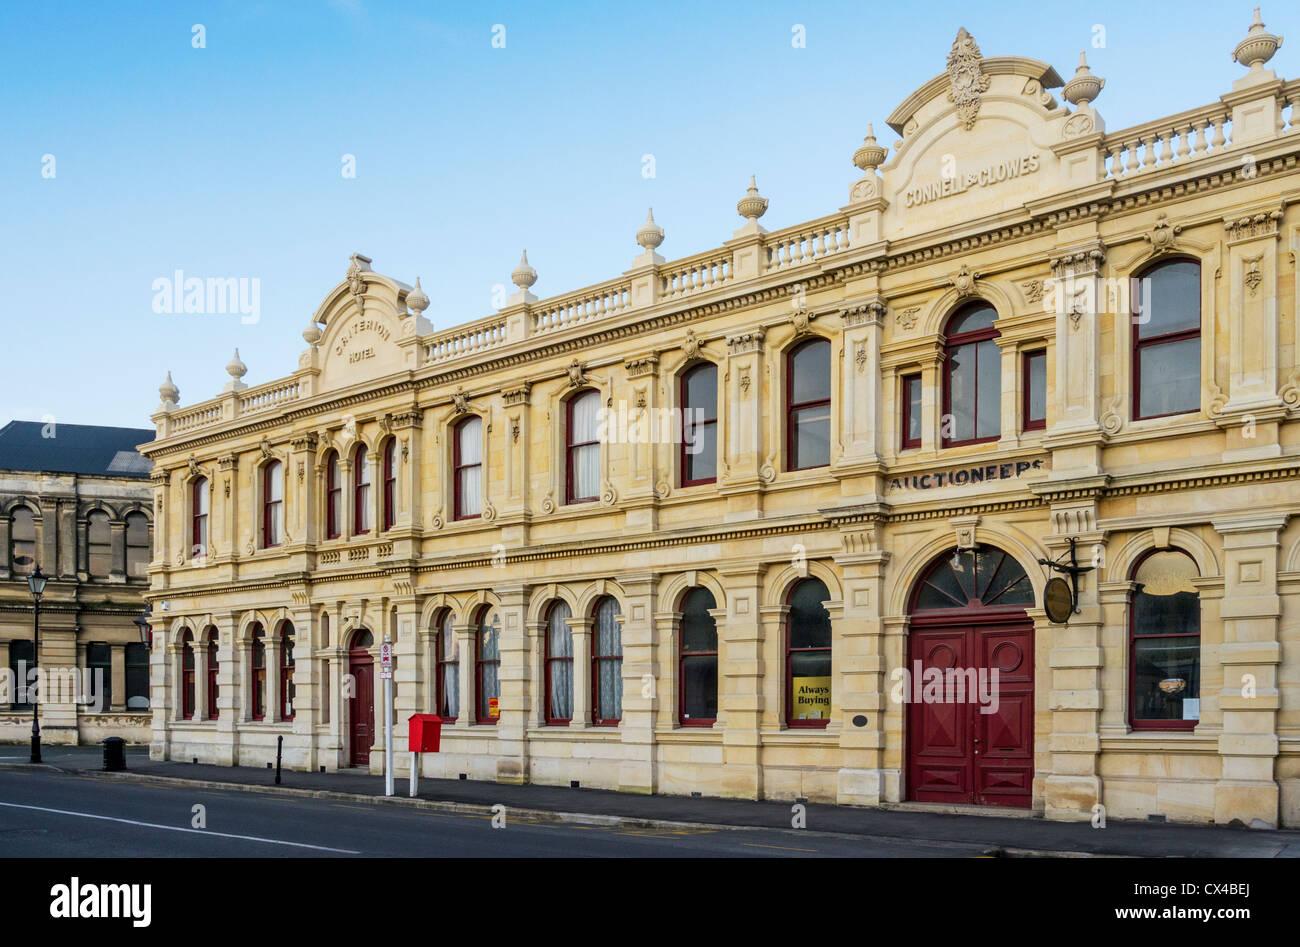 Gli edifici in stile vittoriano in Tyne Street, Oamaru, Otago, Nuova Zelanda, parte del quartiere vittoriano. Immagini Stock